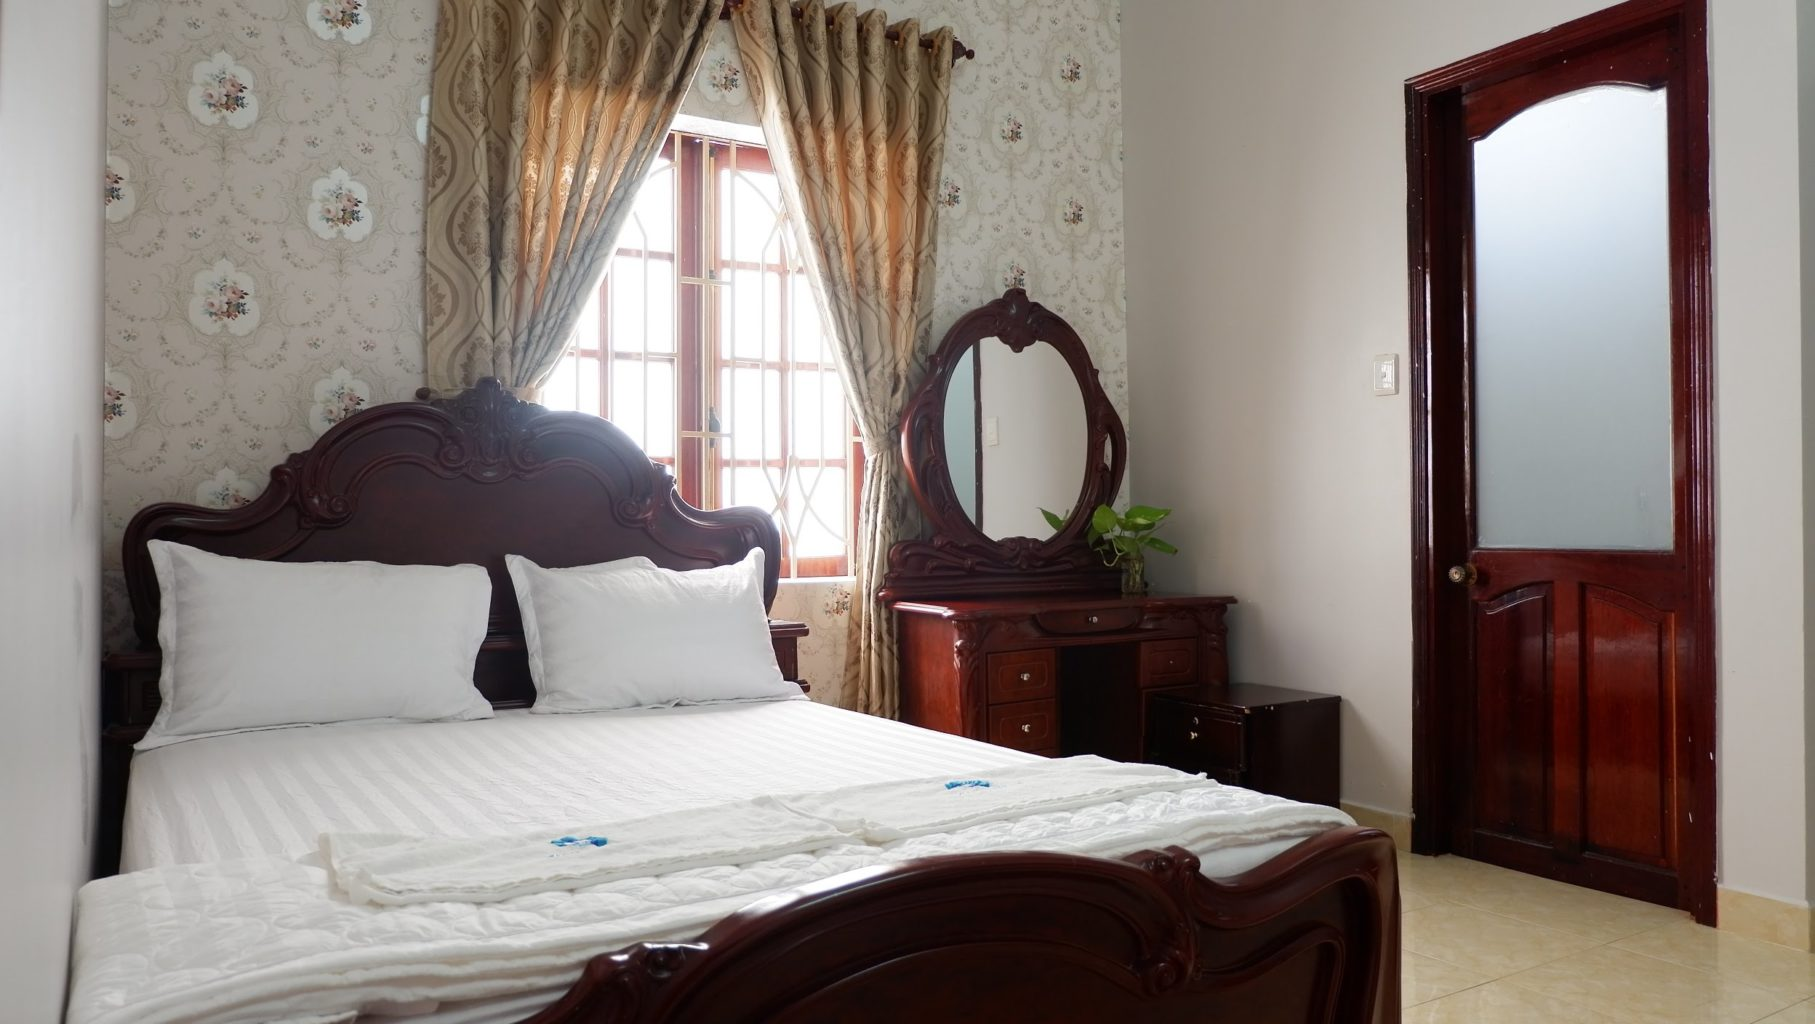 Phòng 1 giường đôi lầu 1 biệt thự Ali 6B